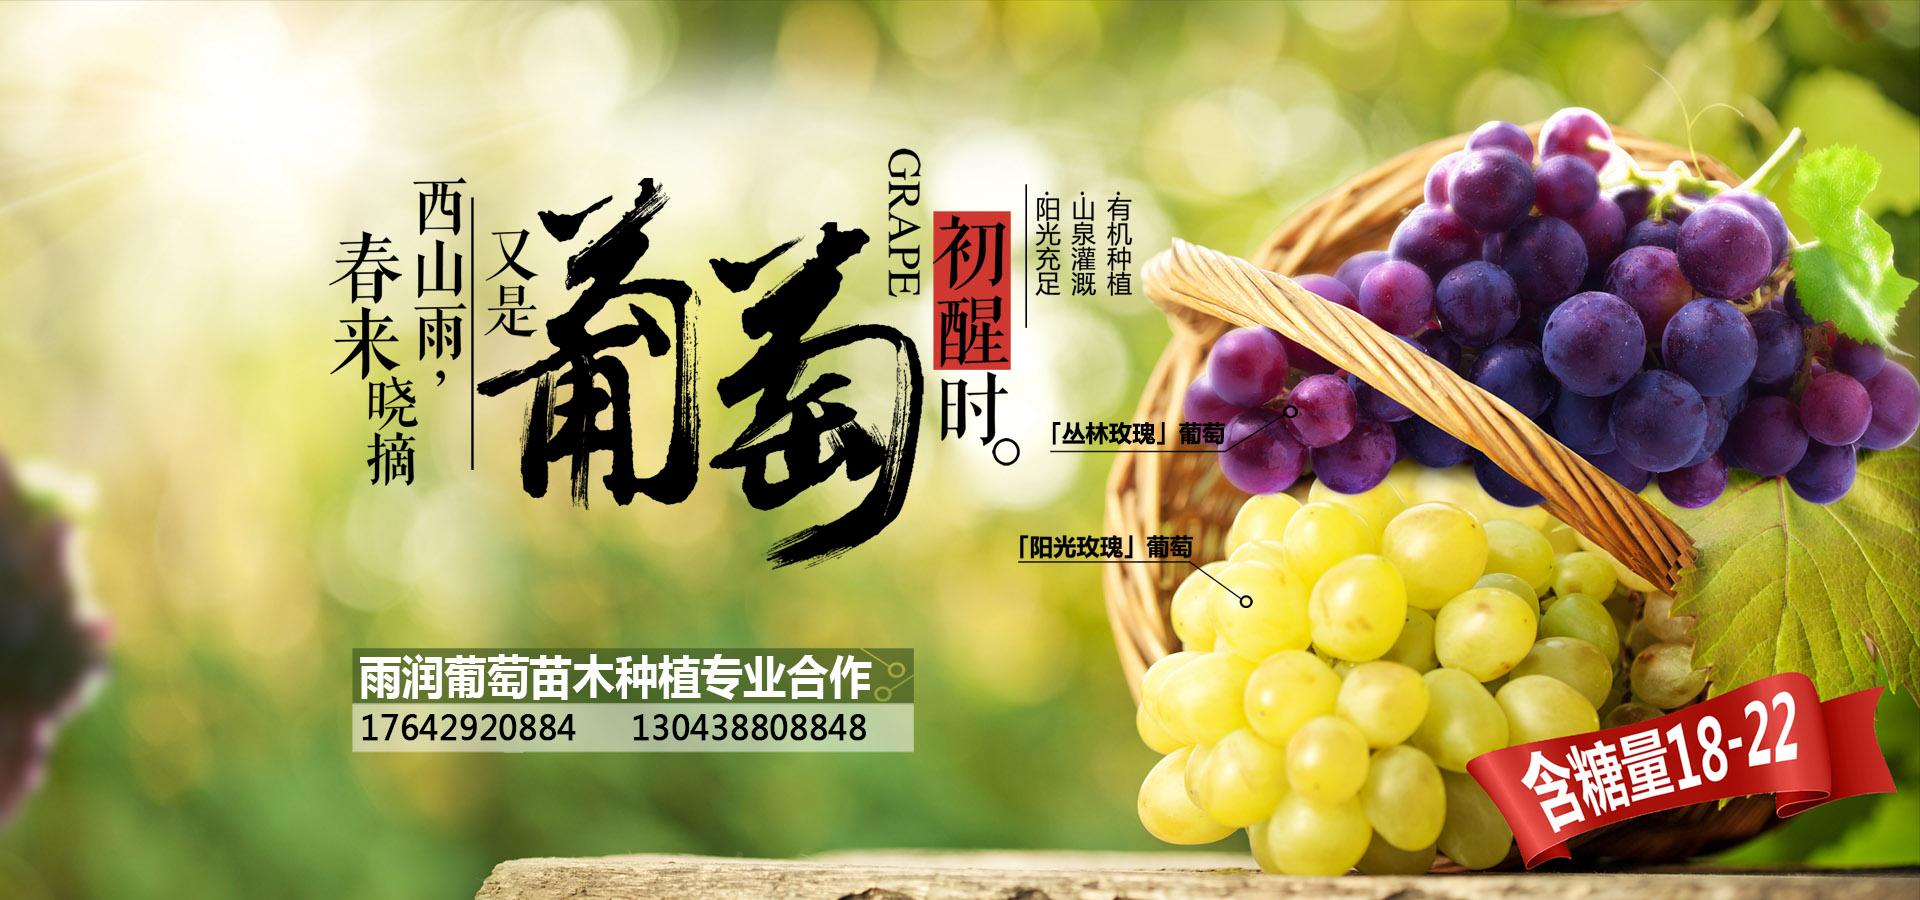 绥中县雨润葡萄苗木种植专业合作社图片